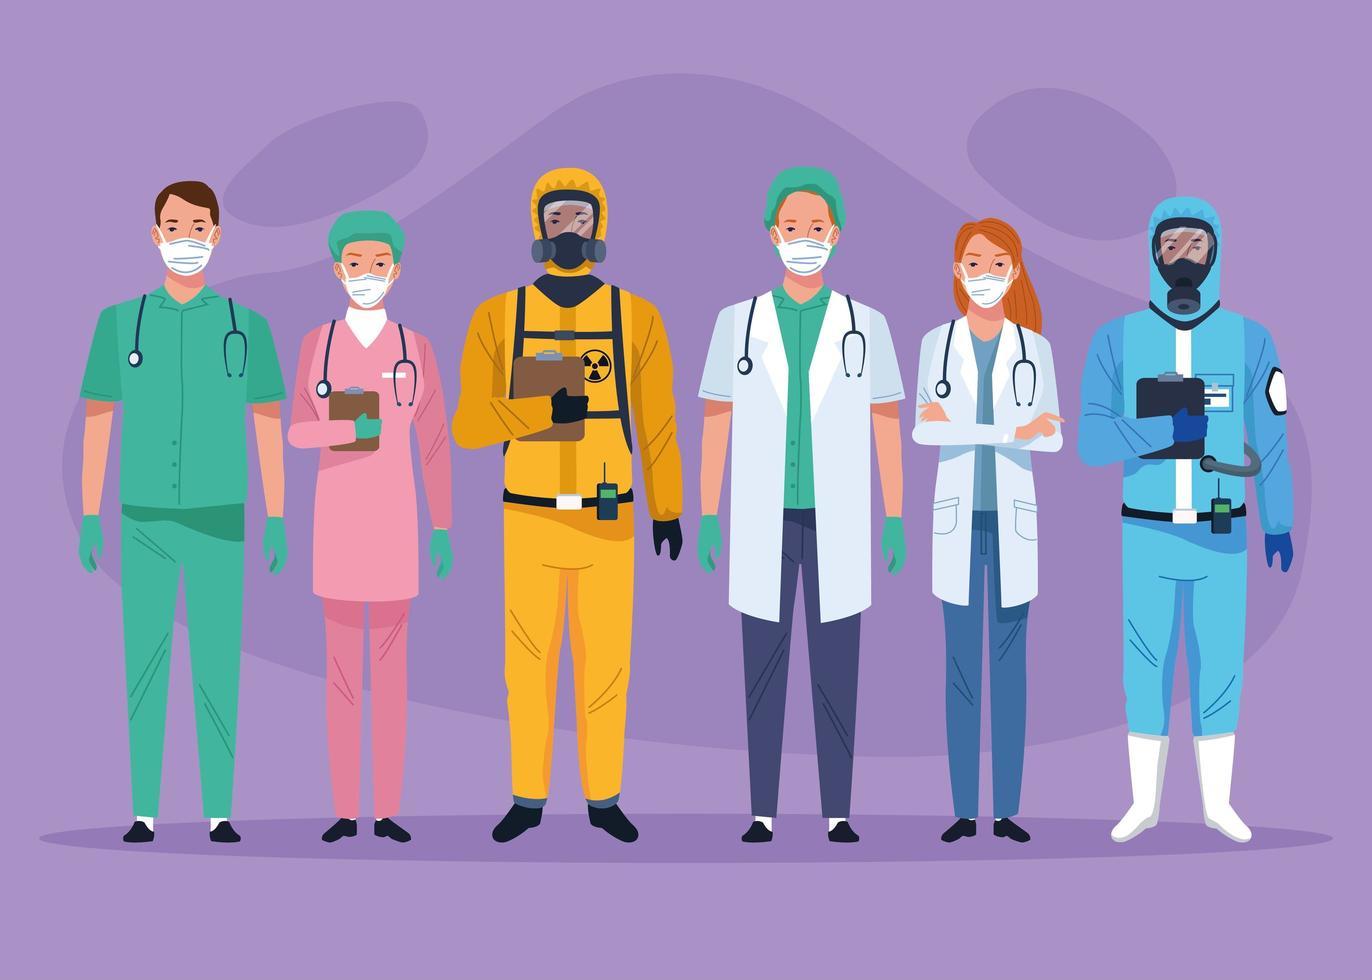 Satz von Charakteren des medizinischen Personals im Gesundheitswesen vektor